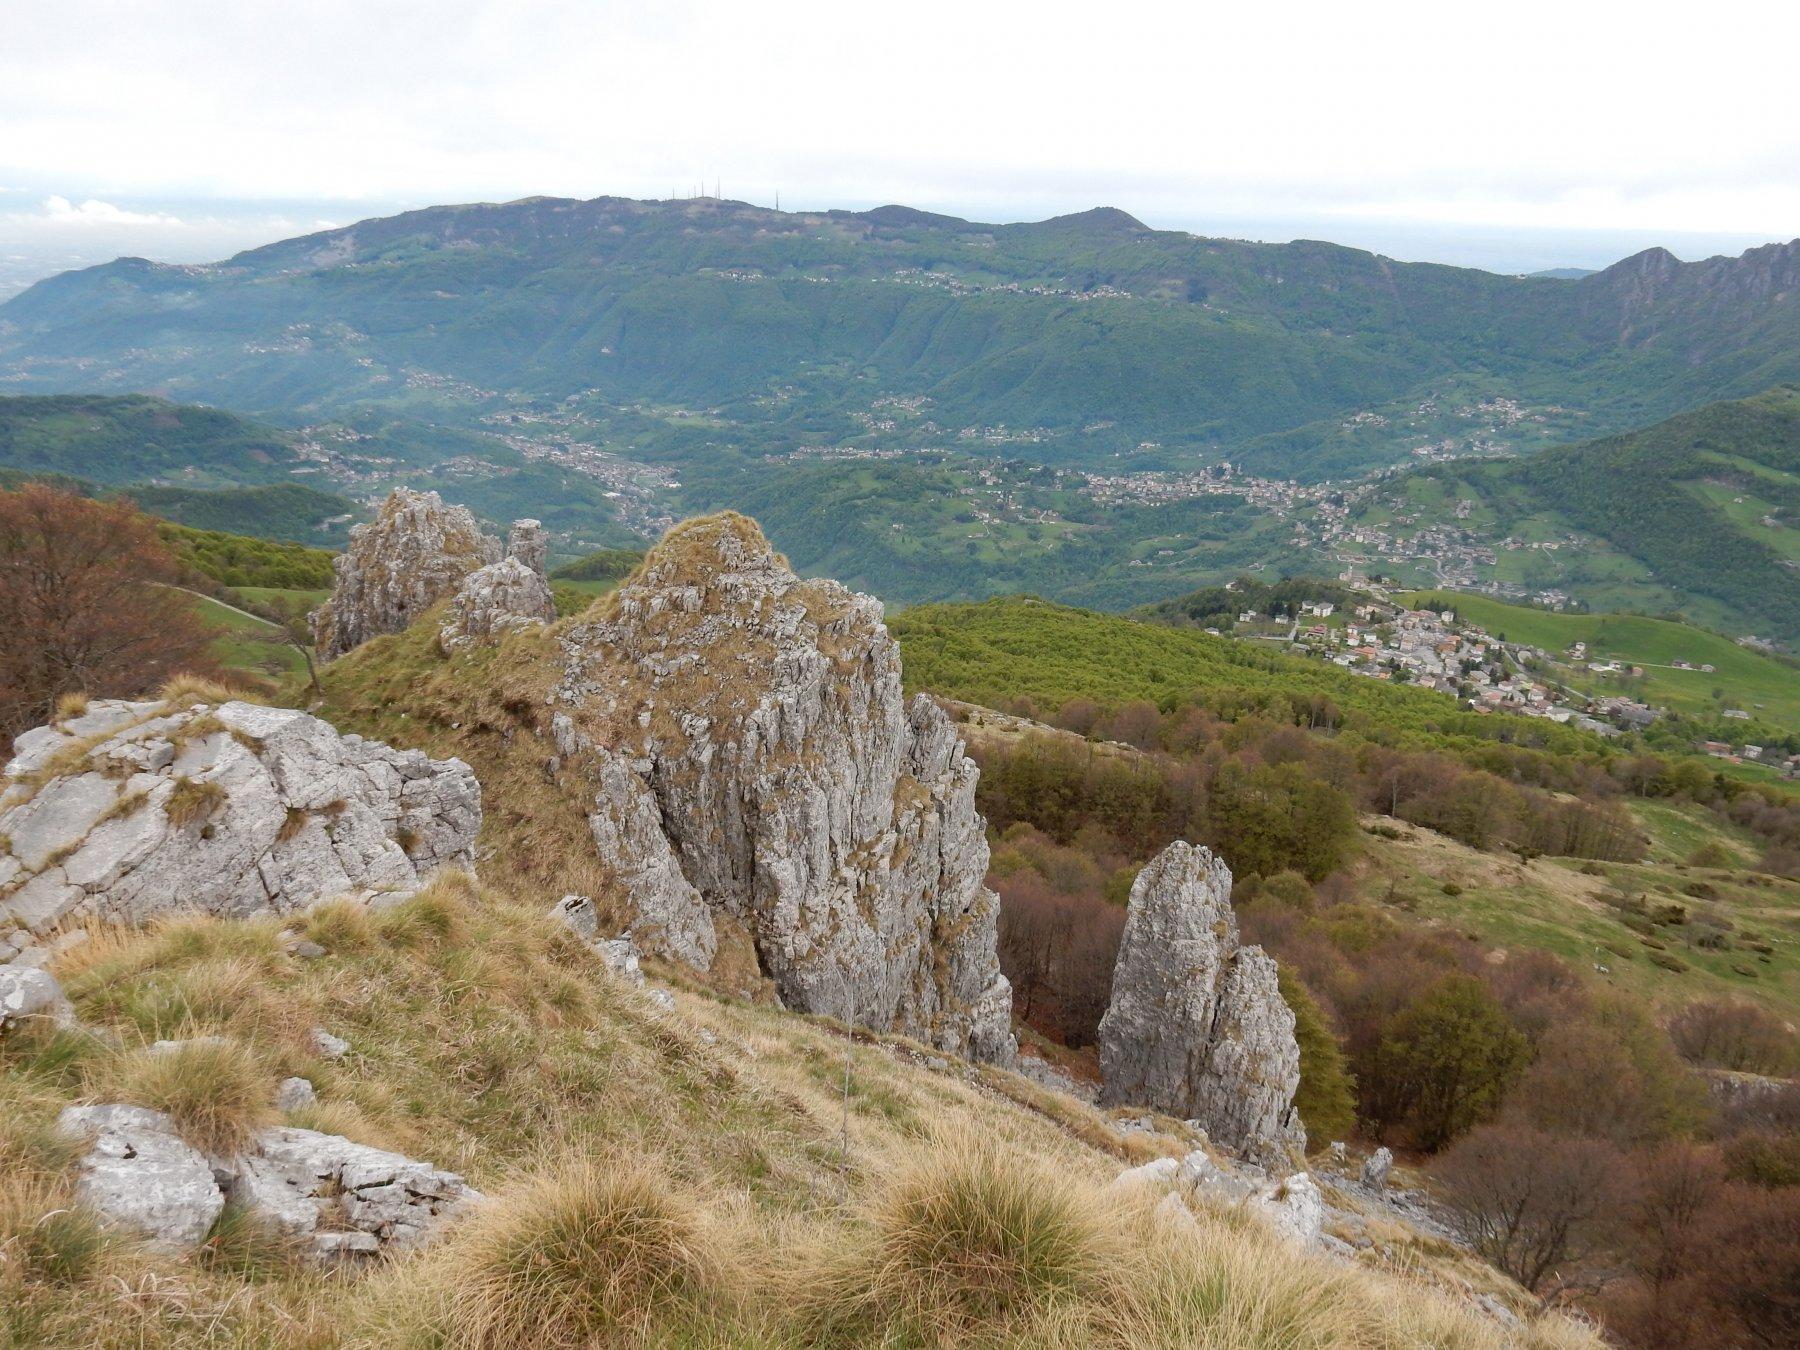 Foto dai Canti ,Fuipiano e Valle Imagna.